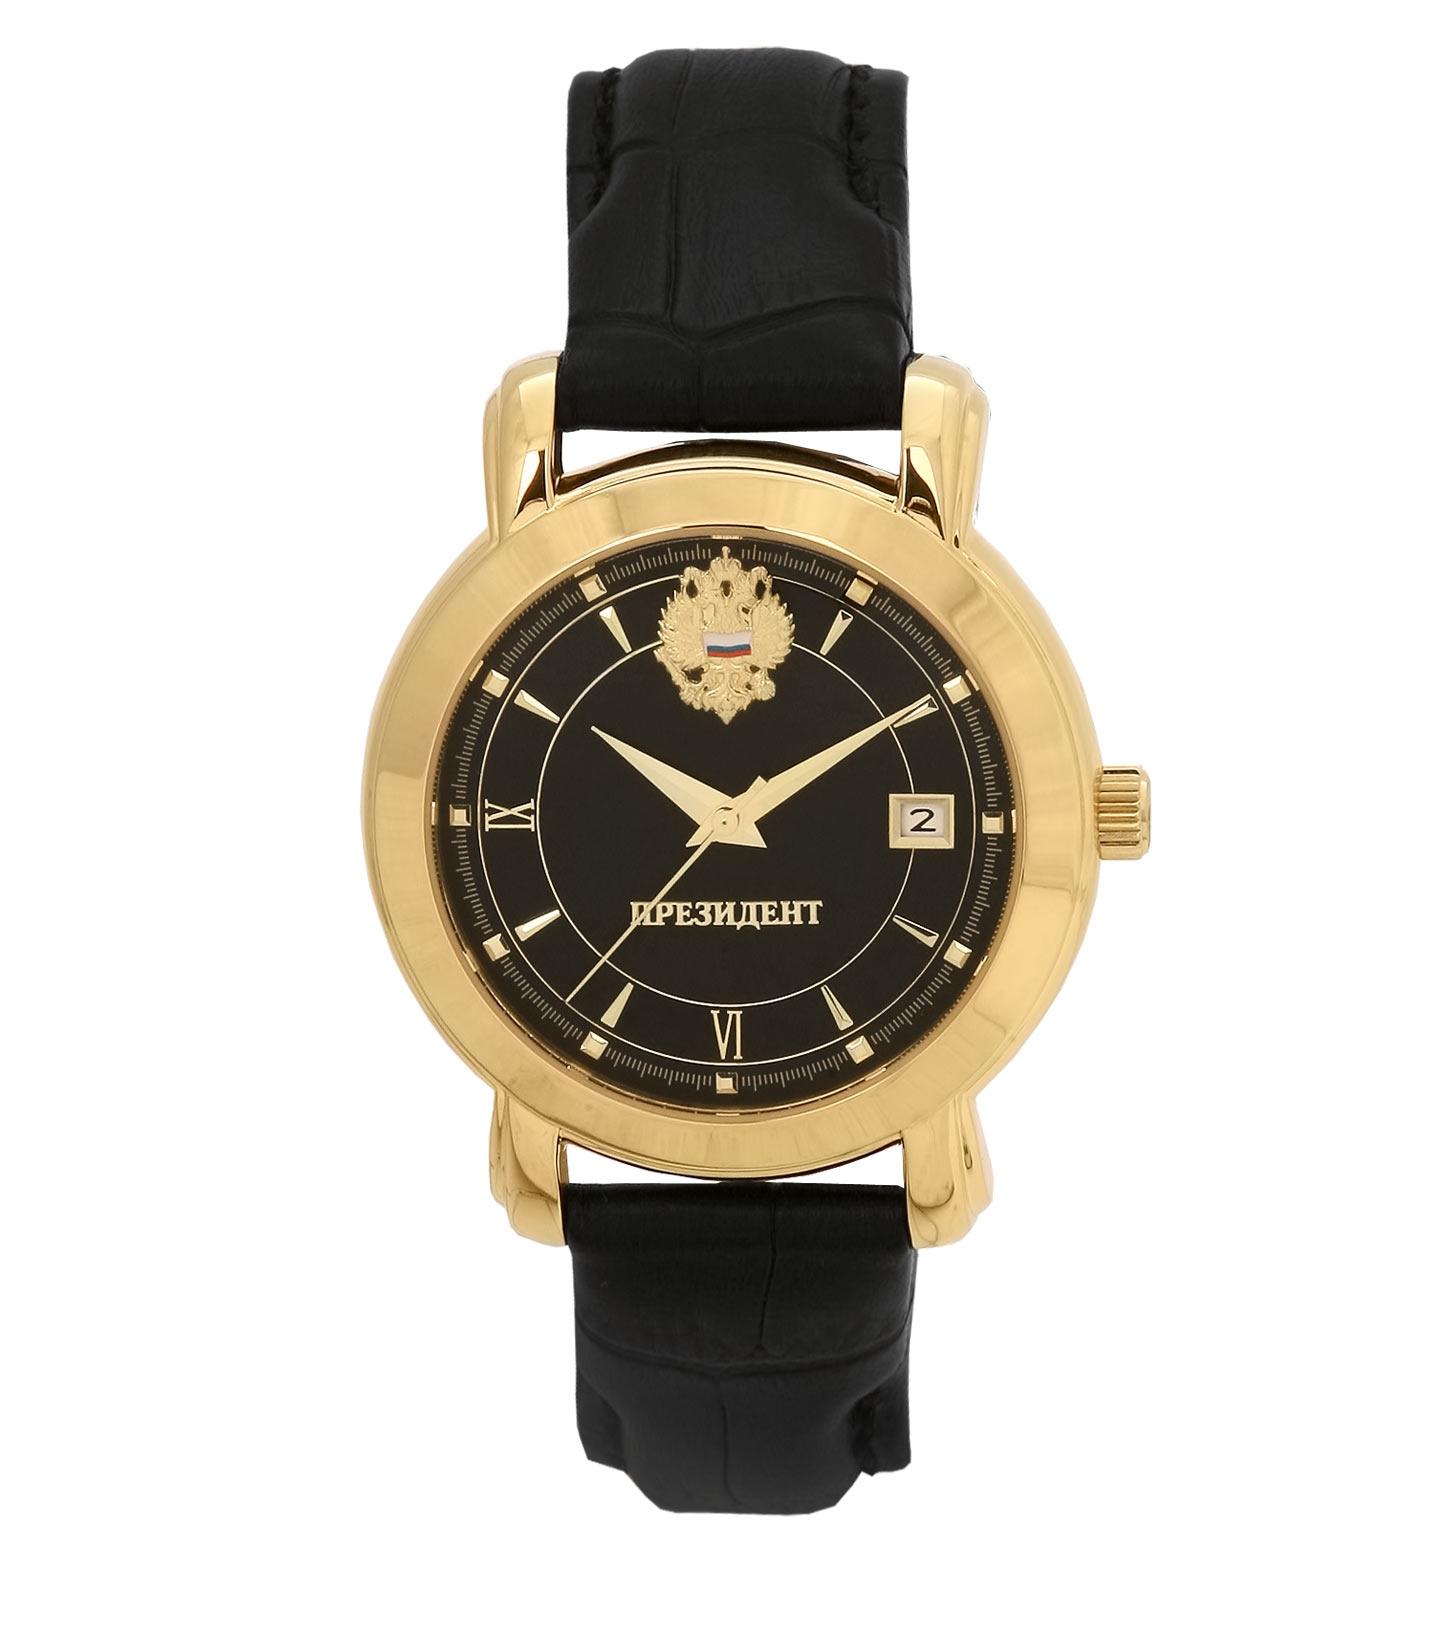 Женские часы timex tw2p  внук легендарного актера марлона брандо в новой рекламной кампании часов.